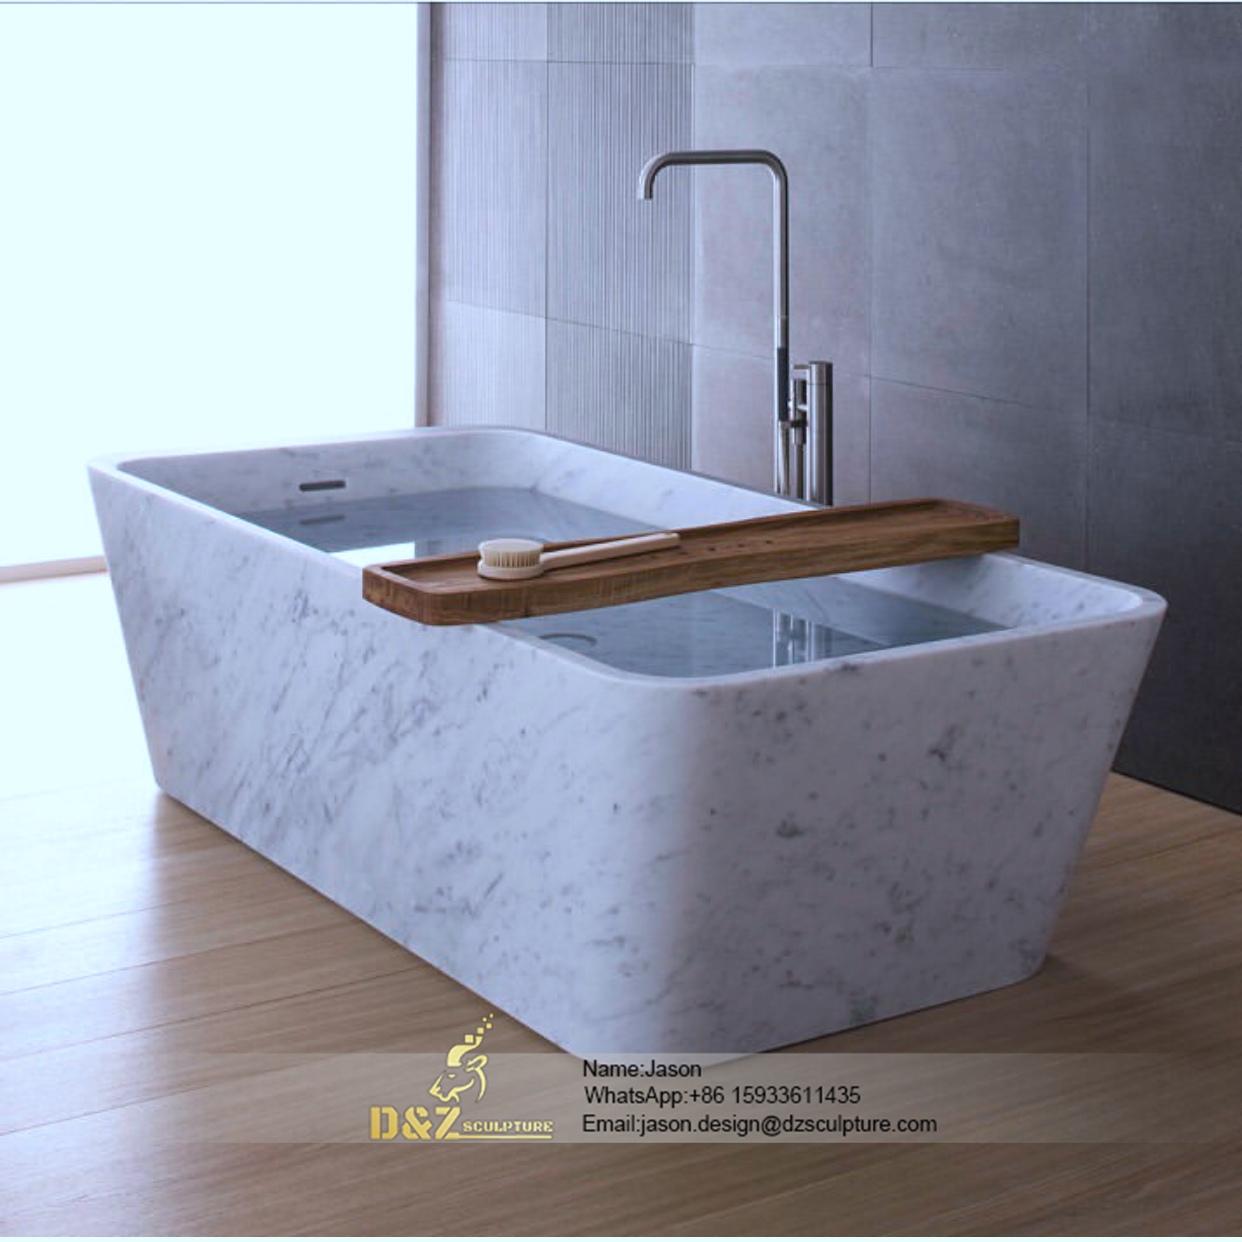 Large stone bathtub